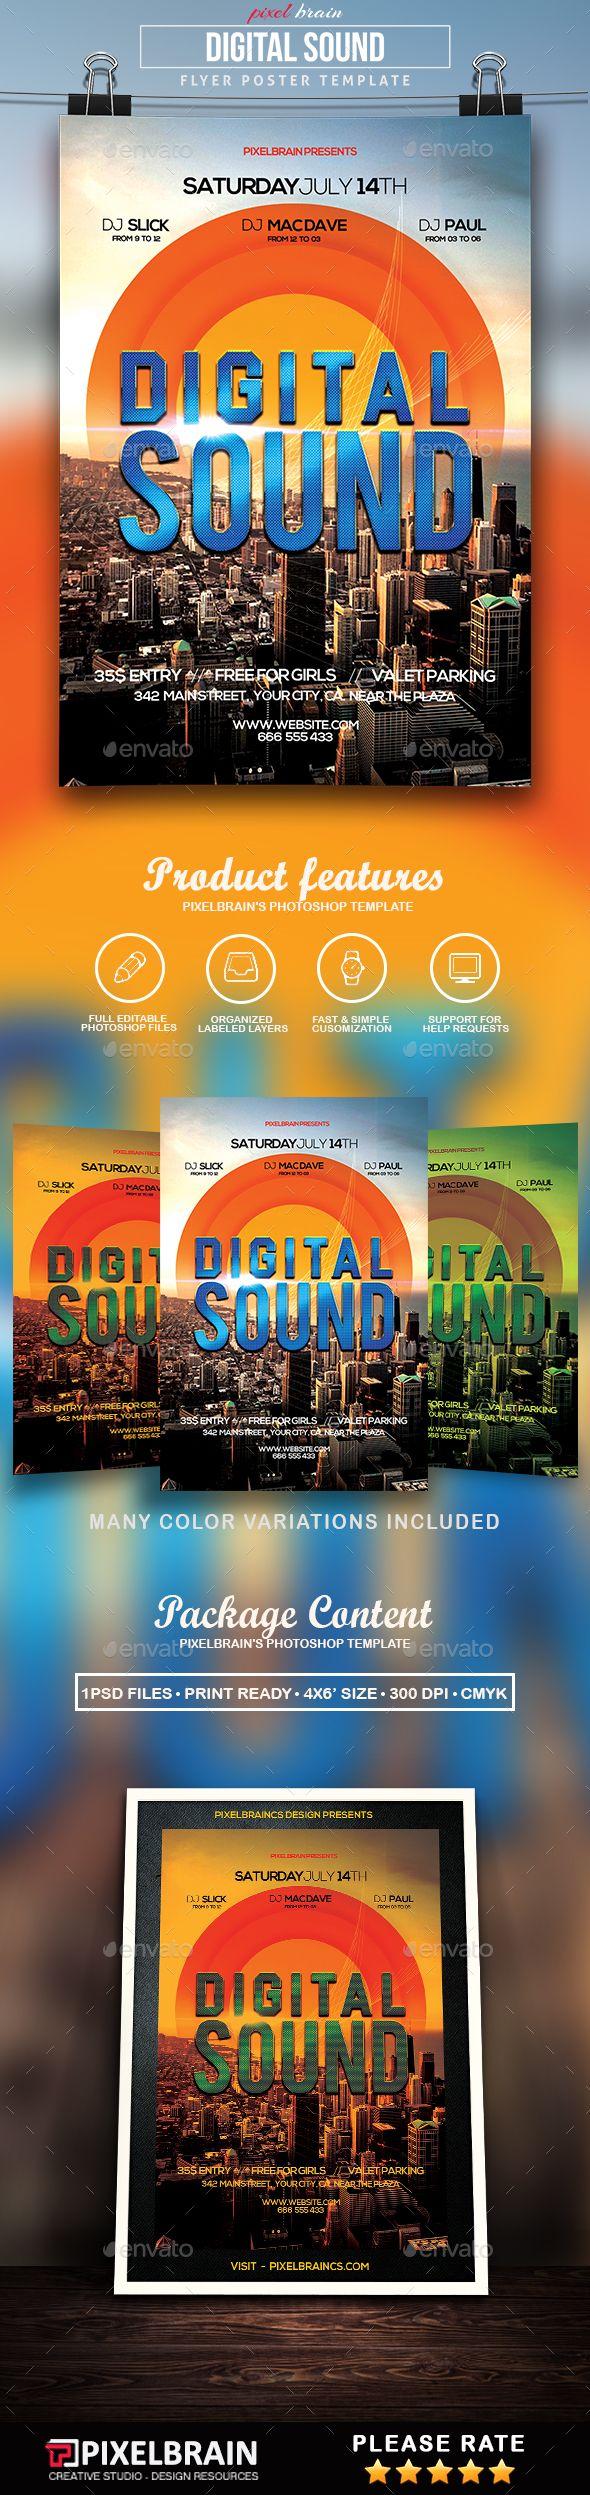 Poster design 101 - Digital Sound Flyer Template